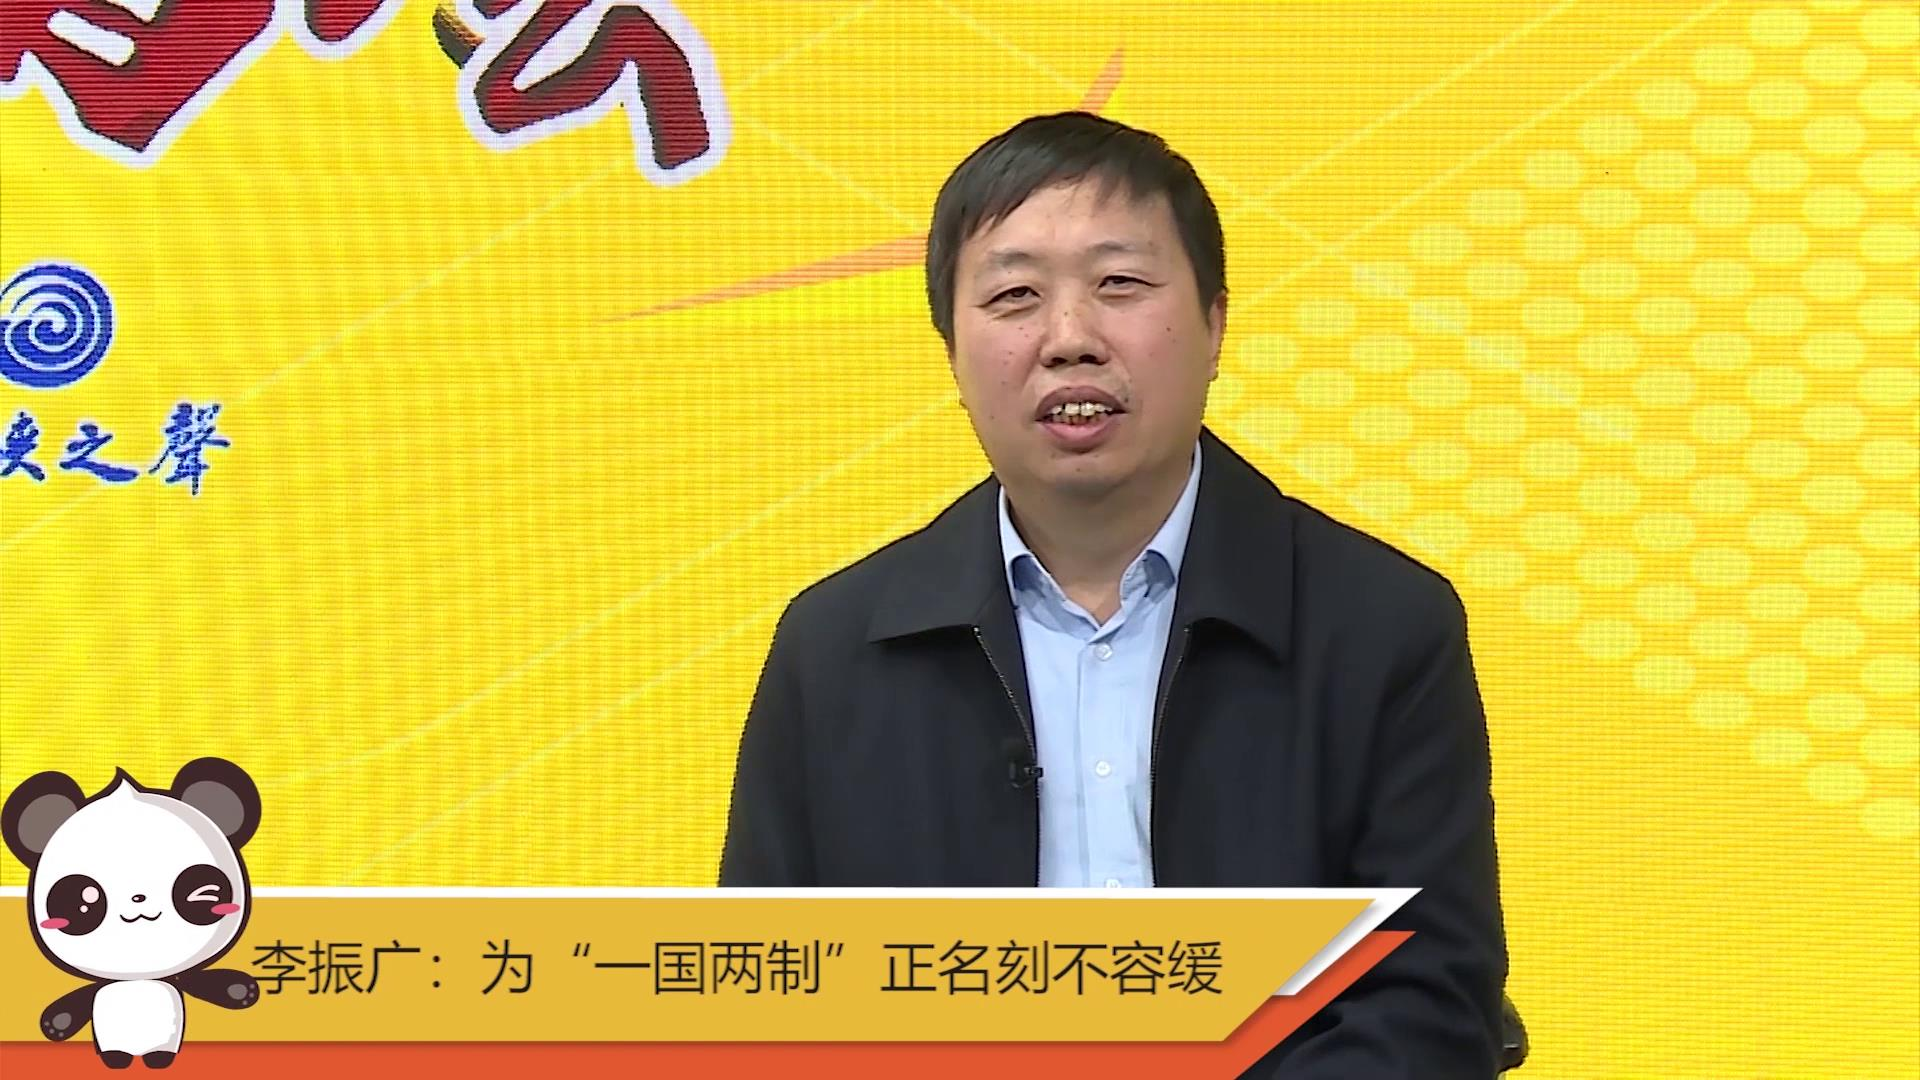 """【融融看兩會】李振廣:為""""一國兩制""""正名刻不容緩圖片"""